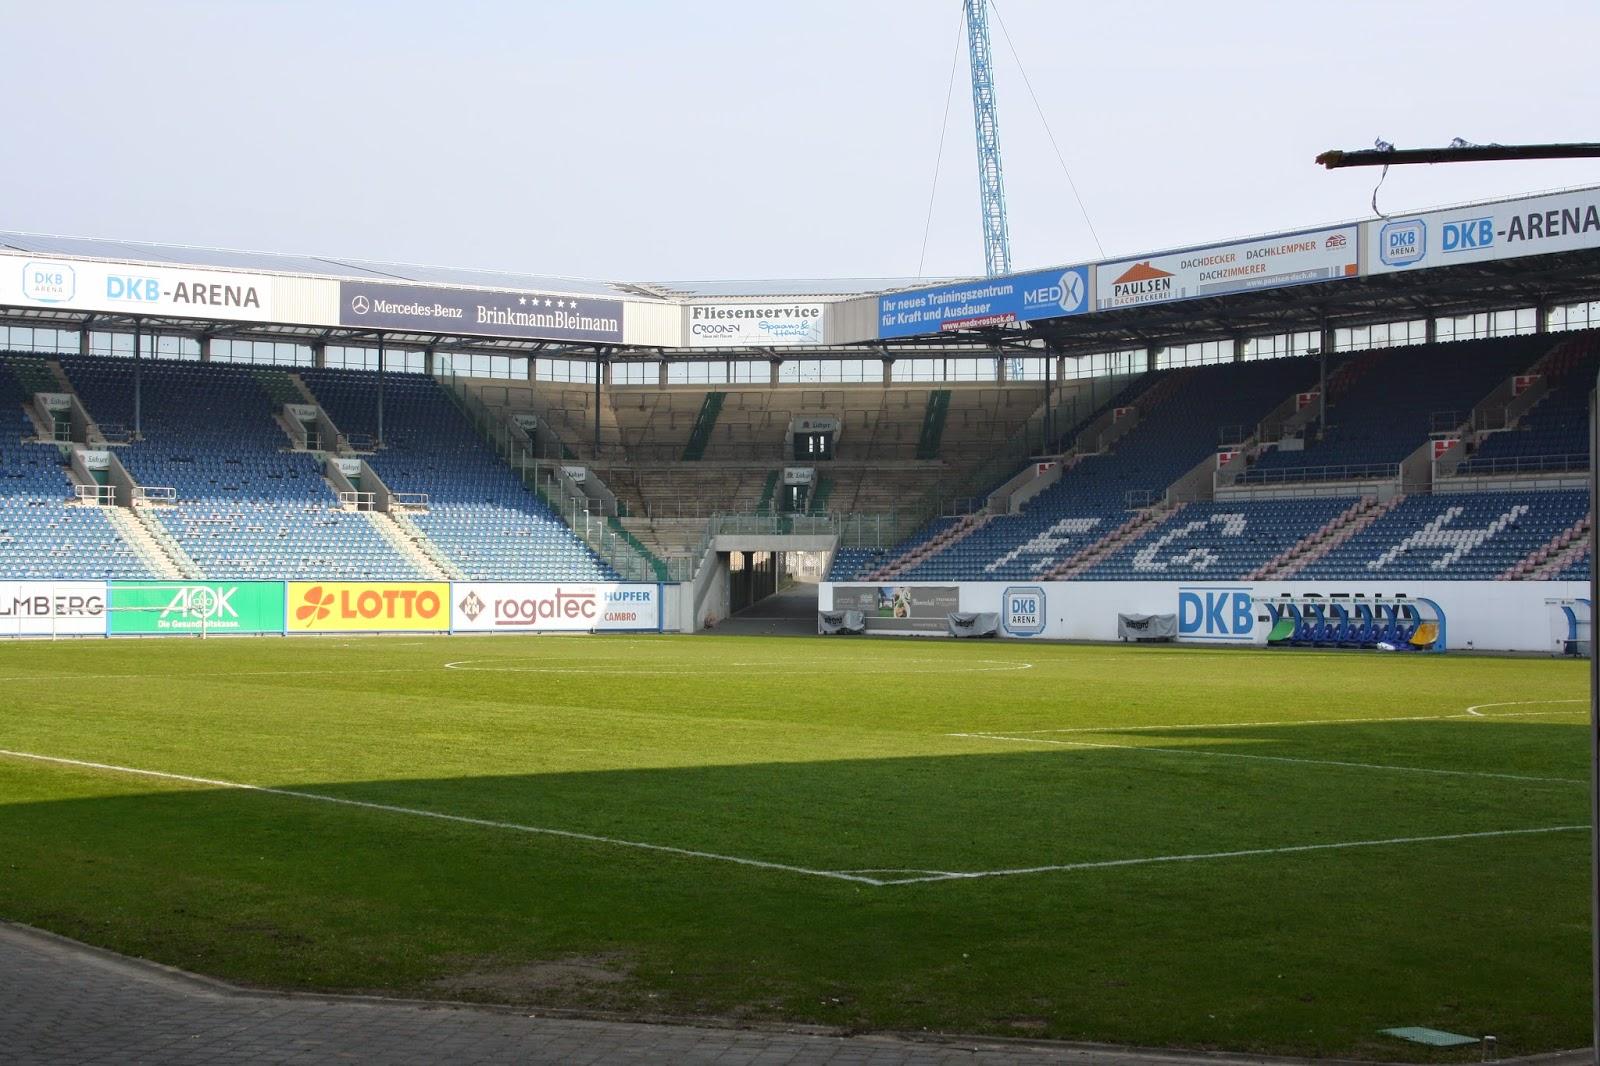 Dkb Rostock